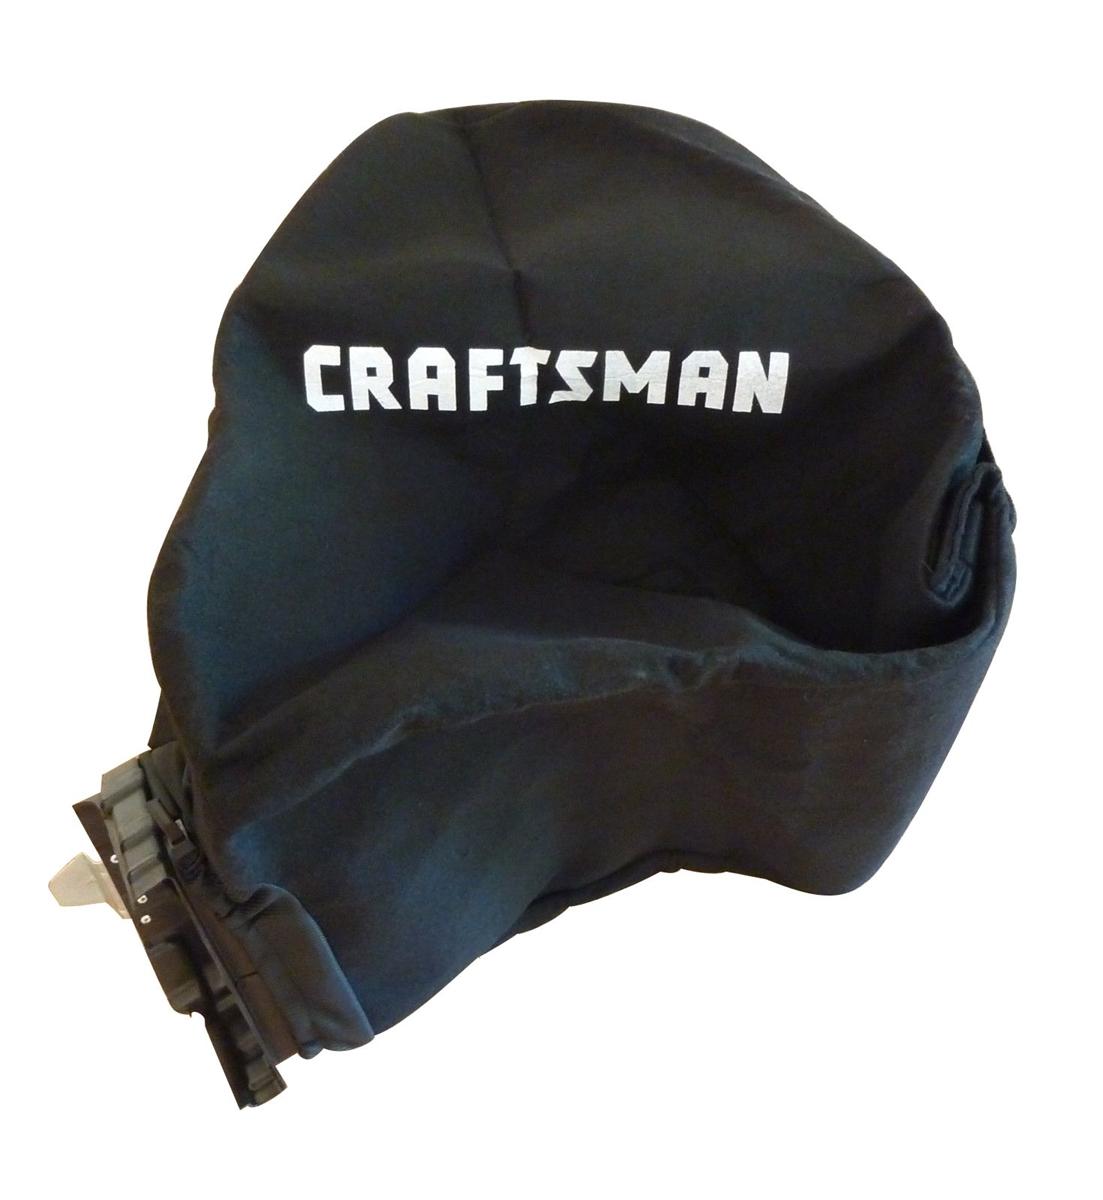 Craftsman/MTD CSV Chipper/Vac Vacuum Bag Part#'s: 664-0094 ...